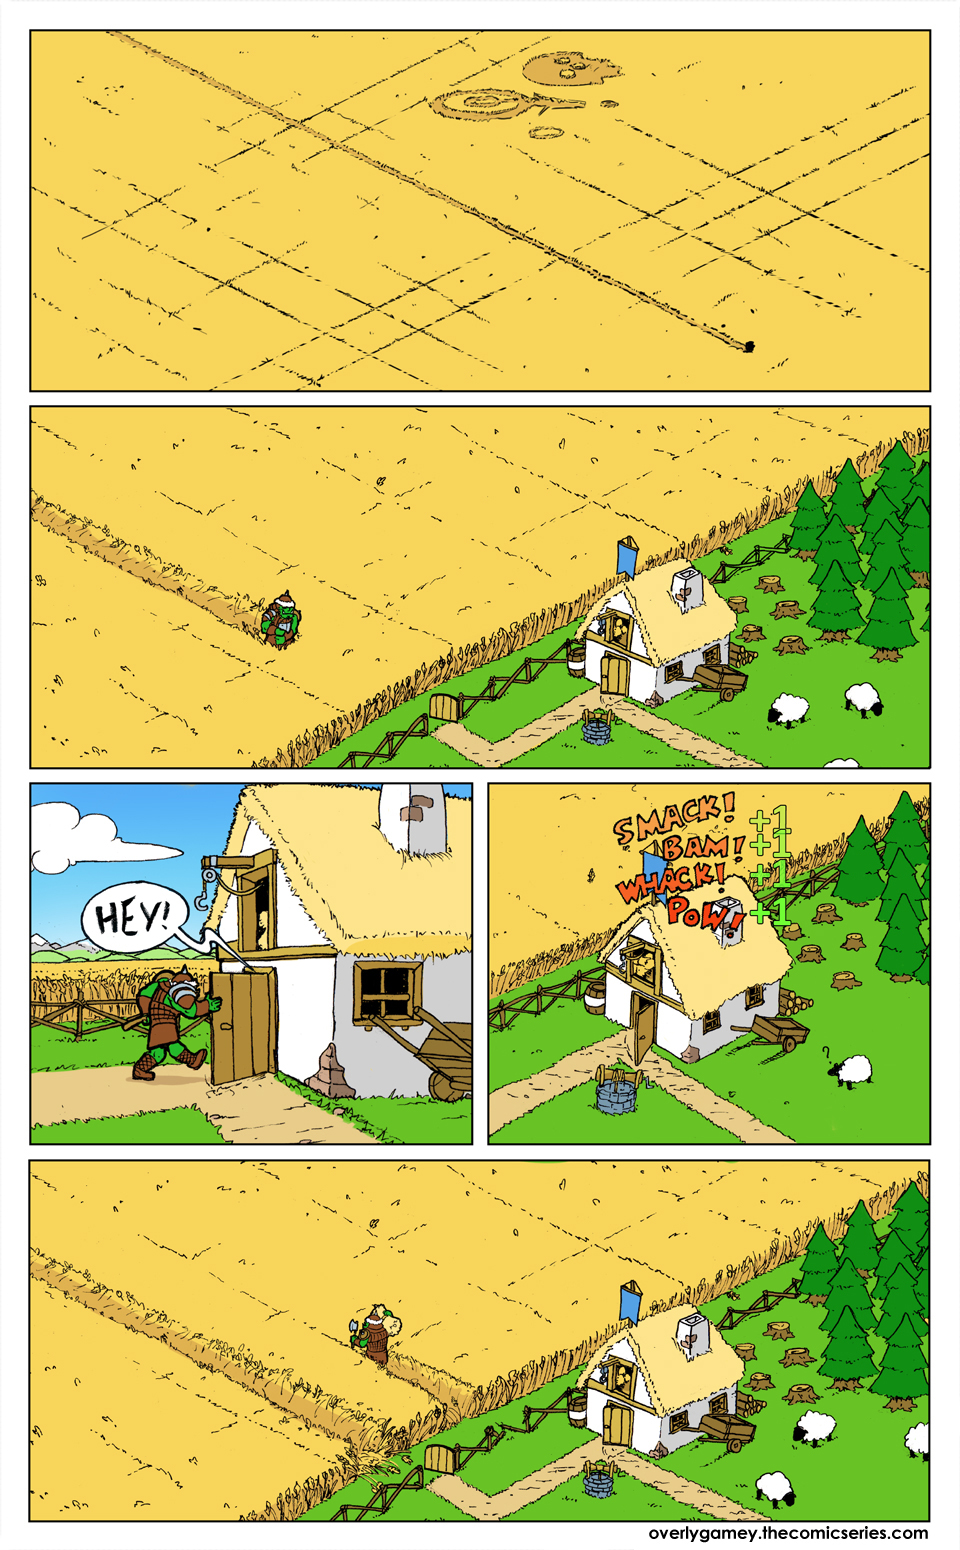 Pillagriculture